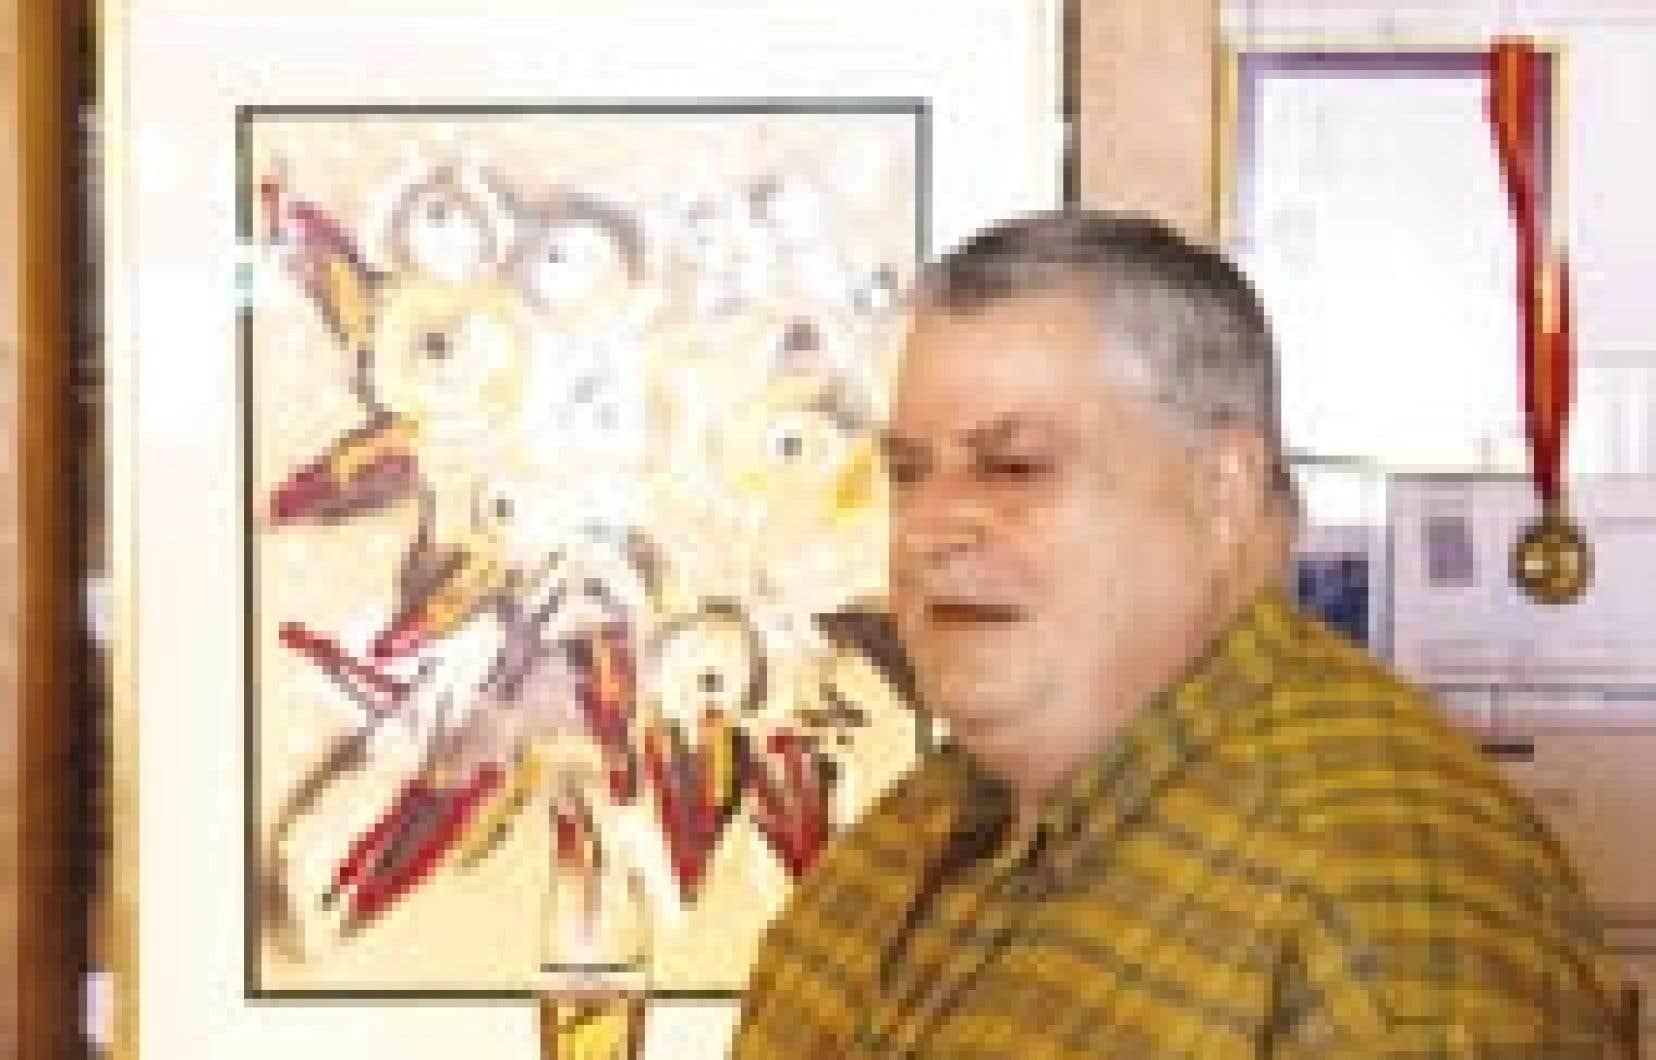 Champlain Charest est un grand amateur de vin. Éprouvant également un engouement pour la peinture de son ami Riopelle, il a acheté au fil du temps une trentaine d'oeuvres du peintre.